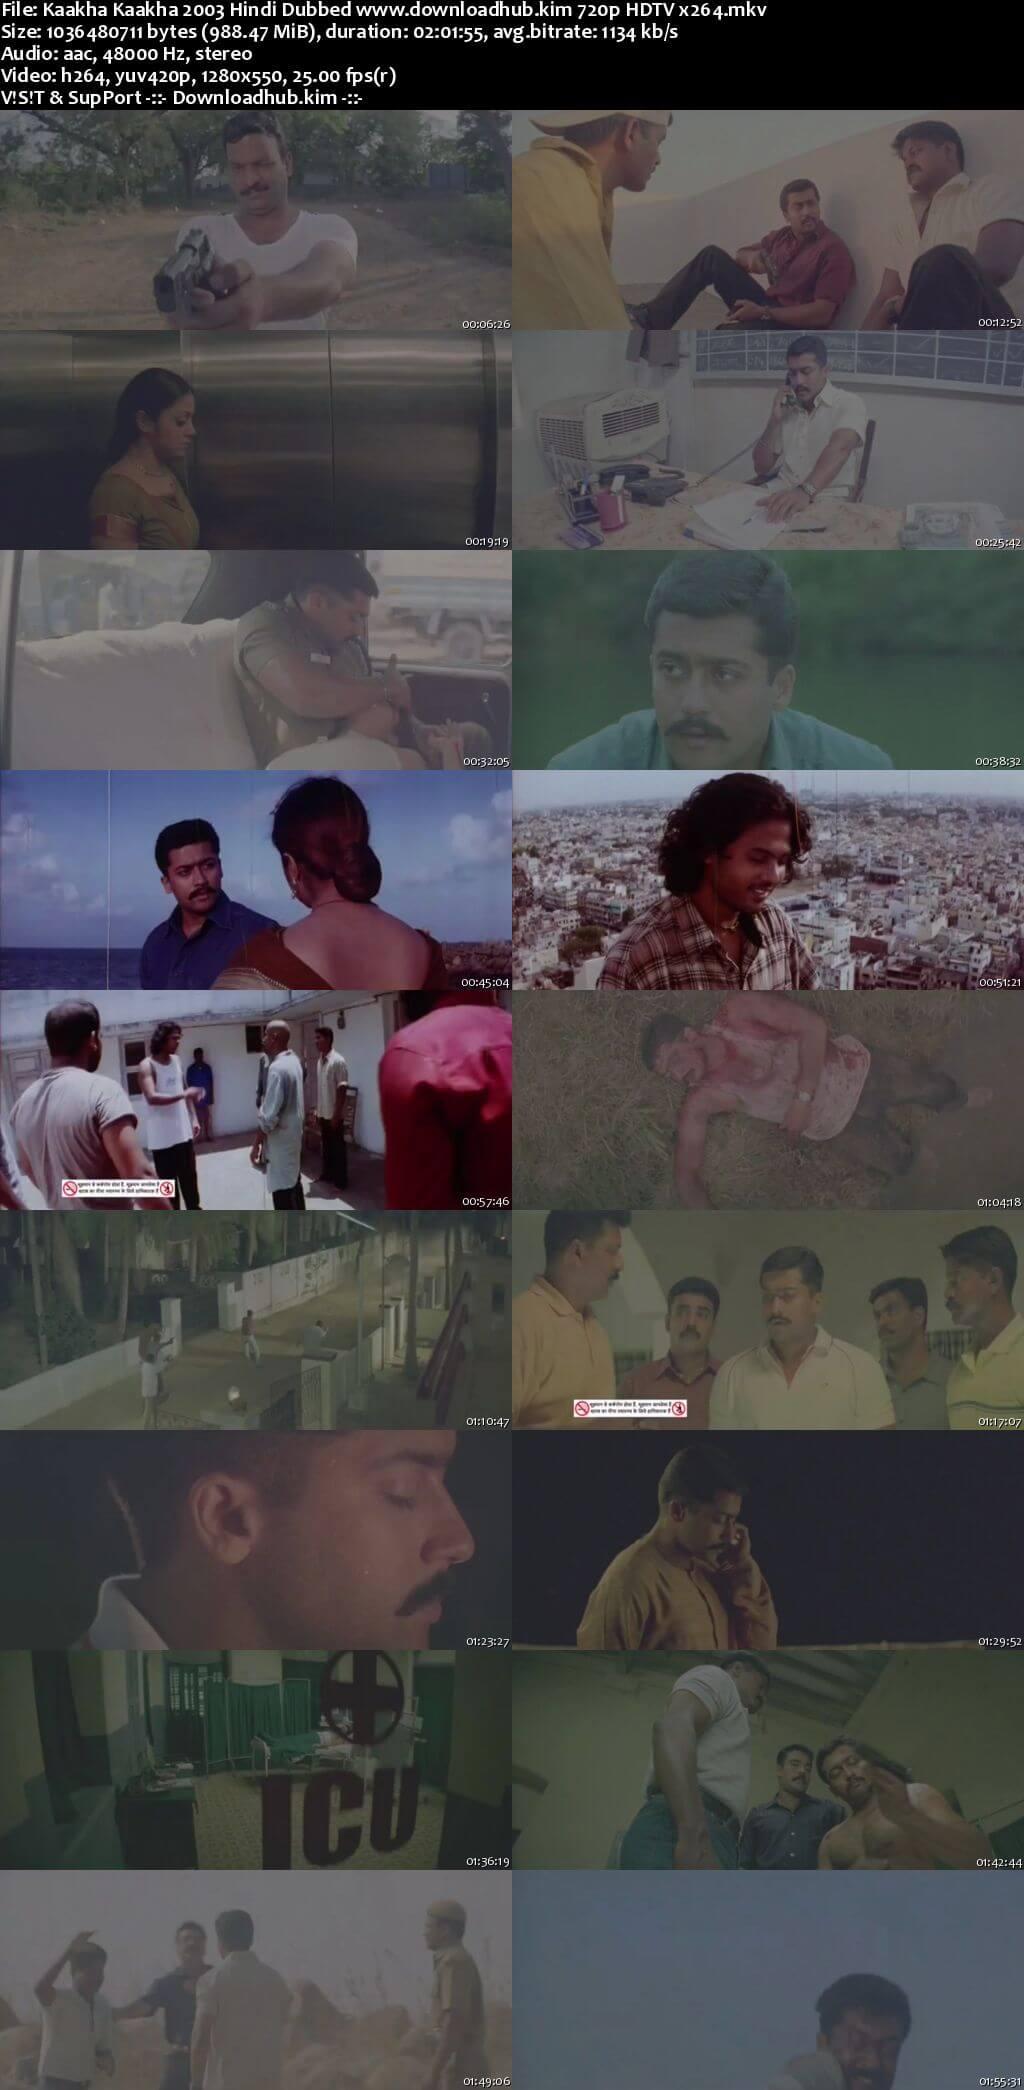 Kaakha Kaakha 2003 Hindi Dubbed 720p HDTV x264